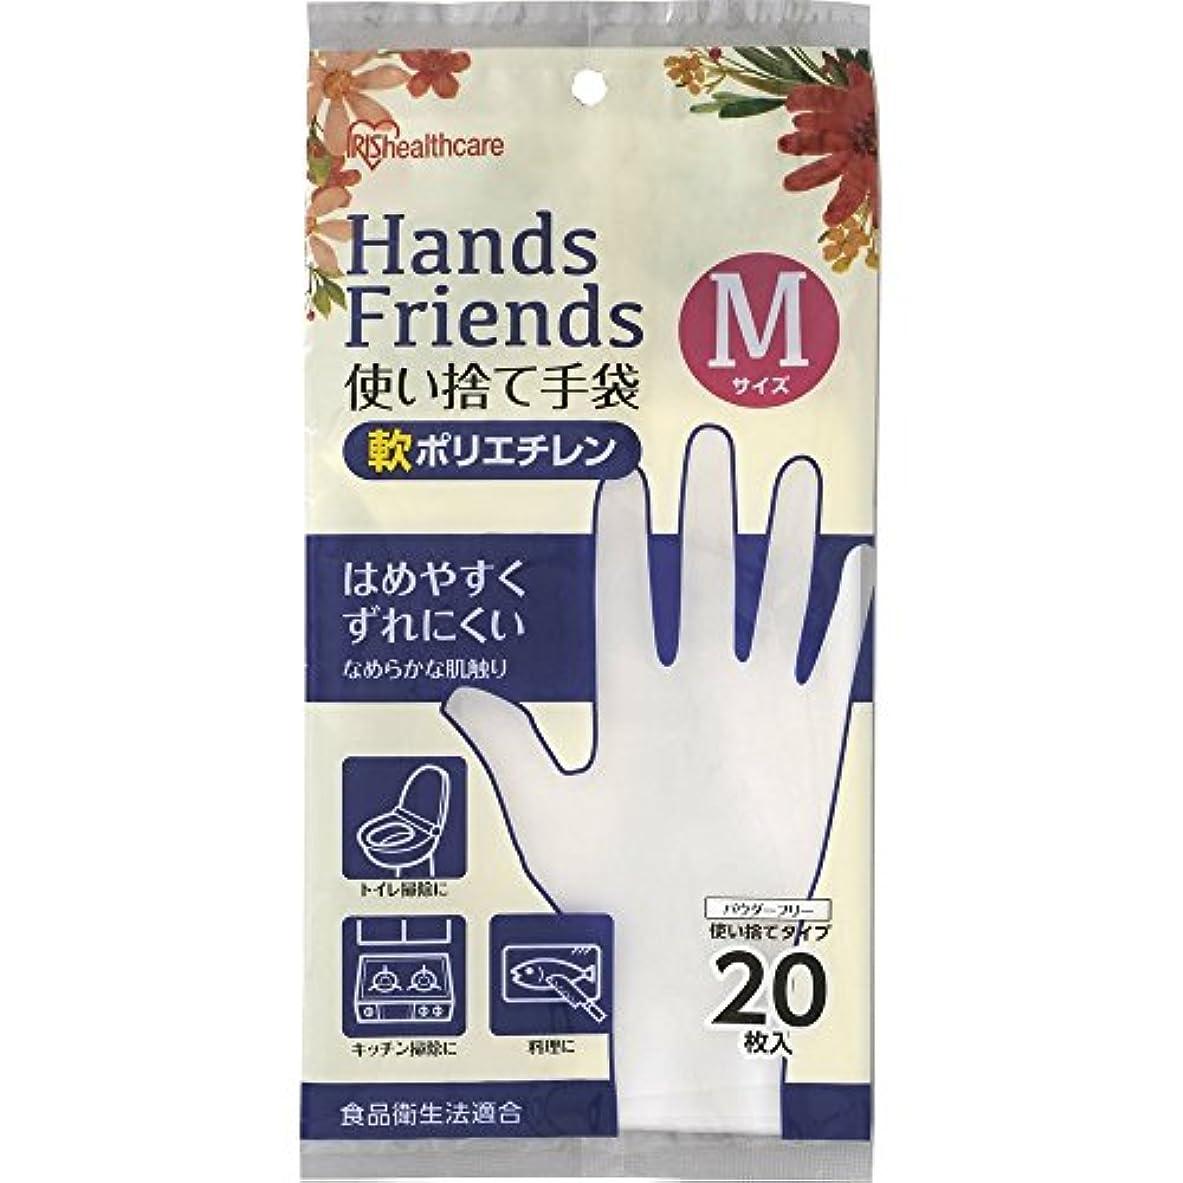 果てしない幾何学心臓使い捨て手袋 軟ポリエチレン手袋 Mサイズ 粉なし パウダーフリー クリア 20枚入